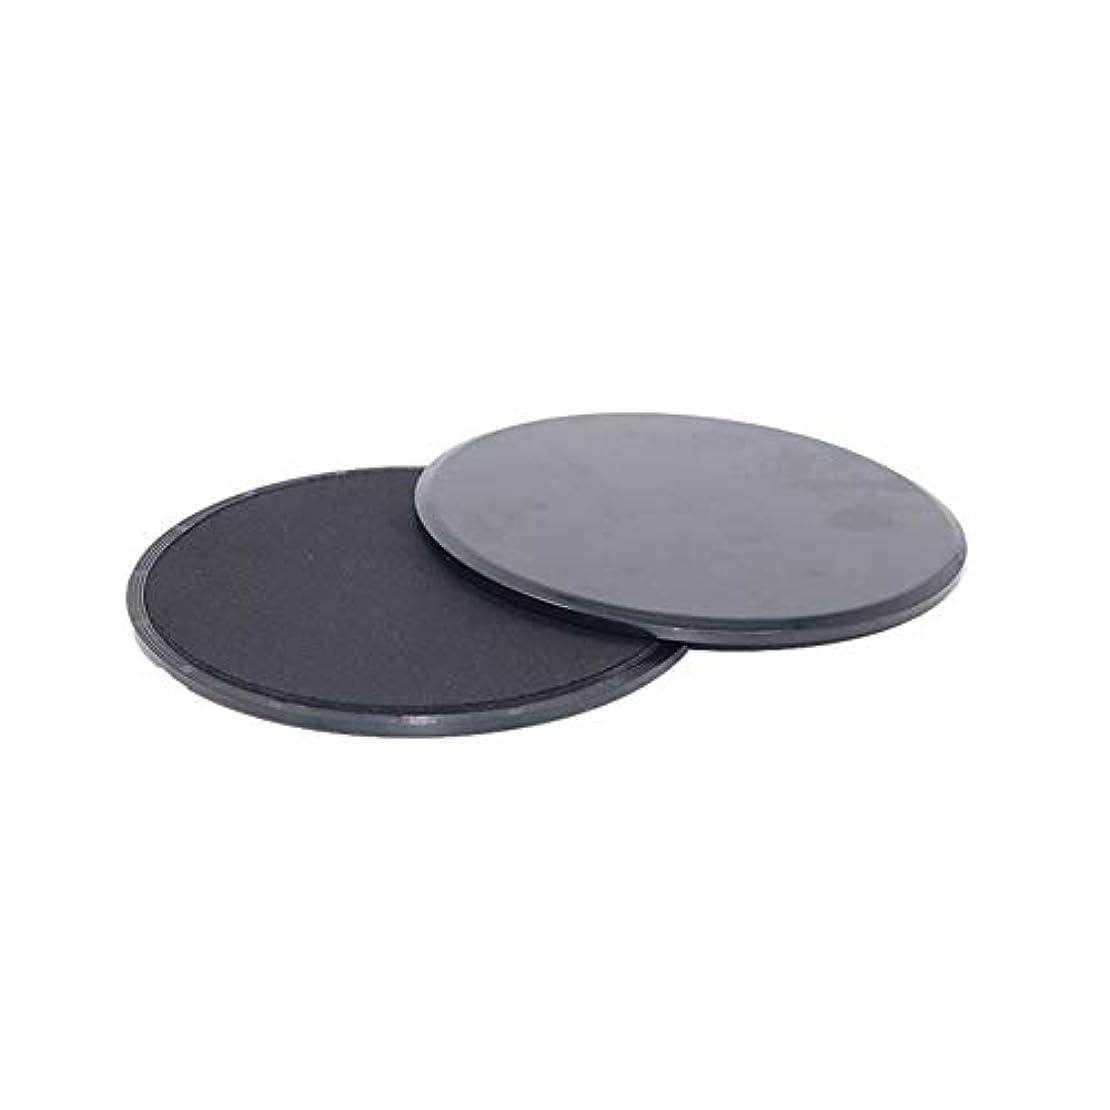 ピルファーファンシー週末フィットネススライドグライディングディスク調整能力フィットネスエクササイズスライダーコアトレーニング腹部と全身トレーニング用 - ブラック